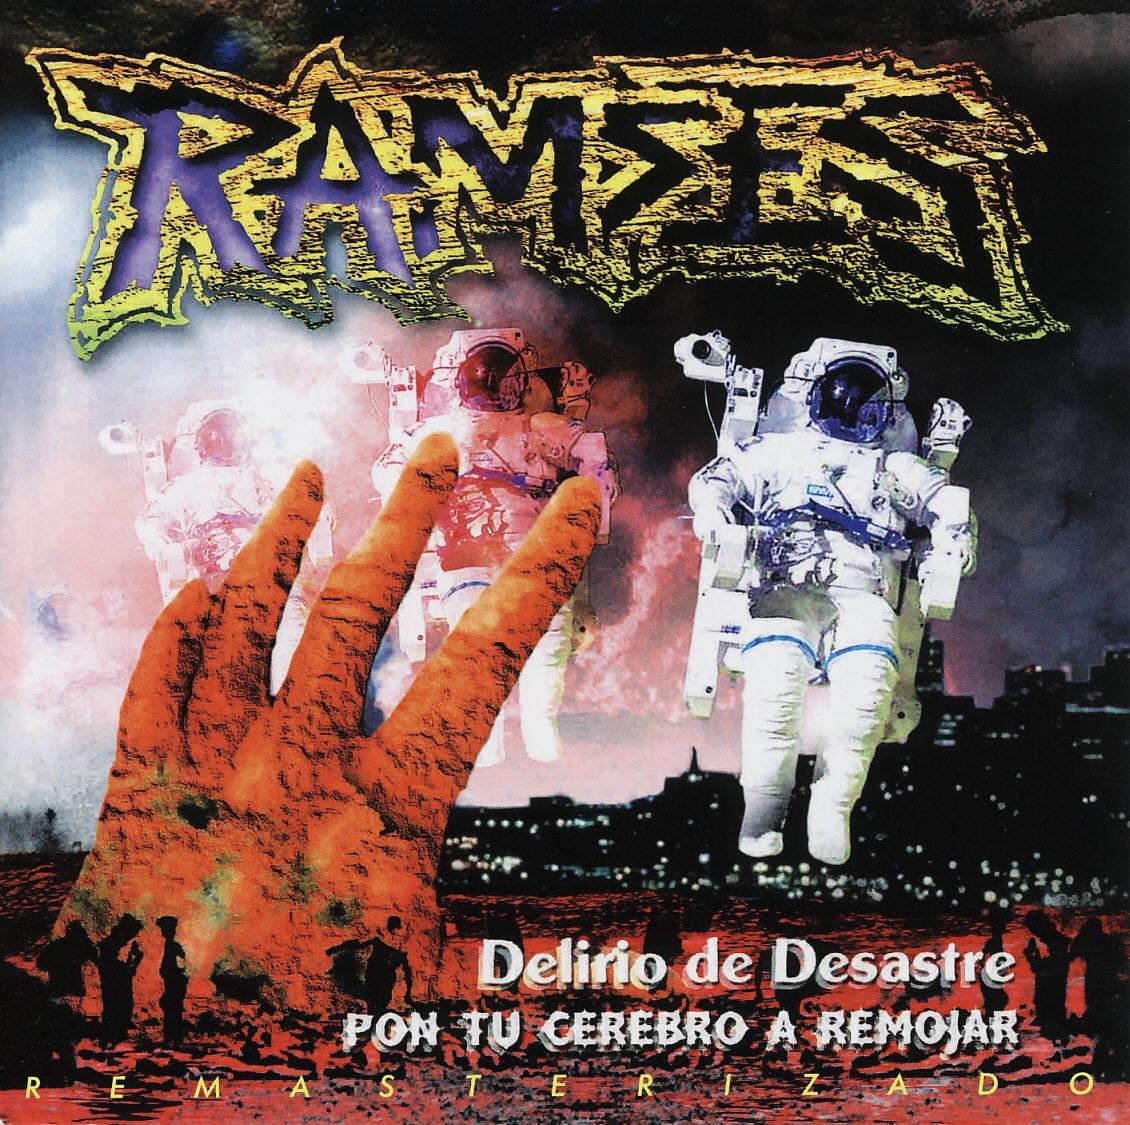 RAMSES (Mexico) / Pon Tu Cerebro A Remojar + Delirio De Desastre